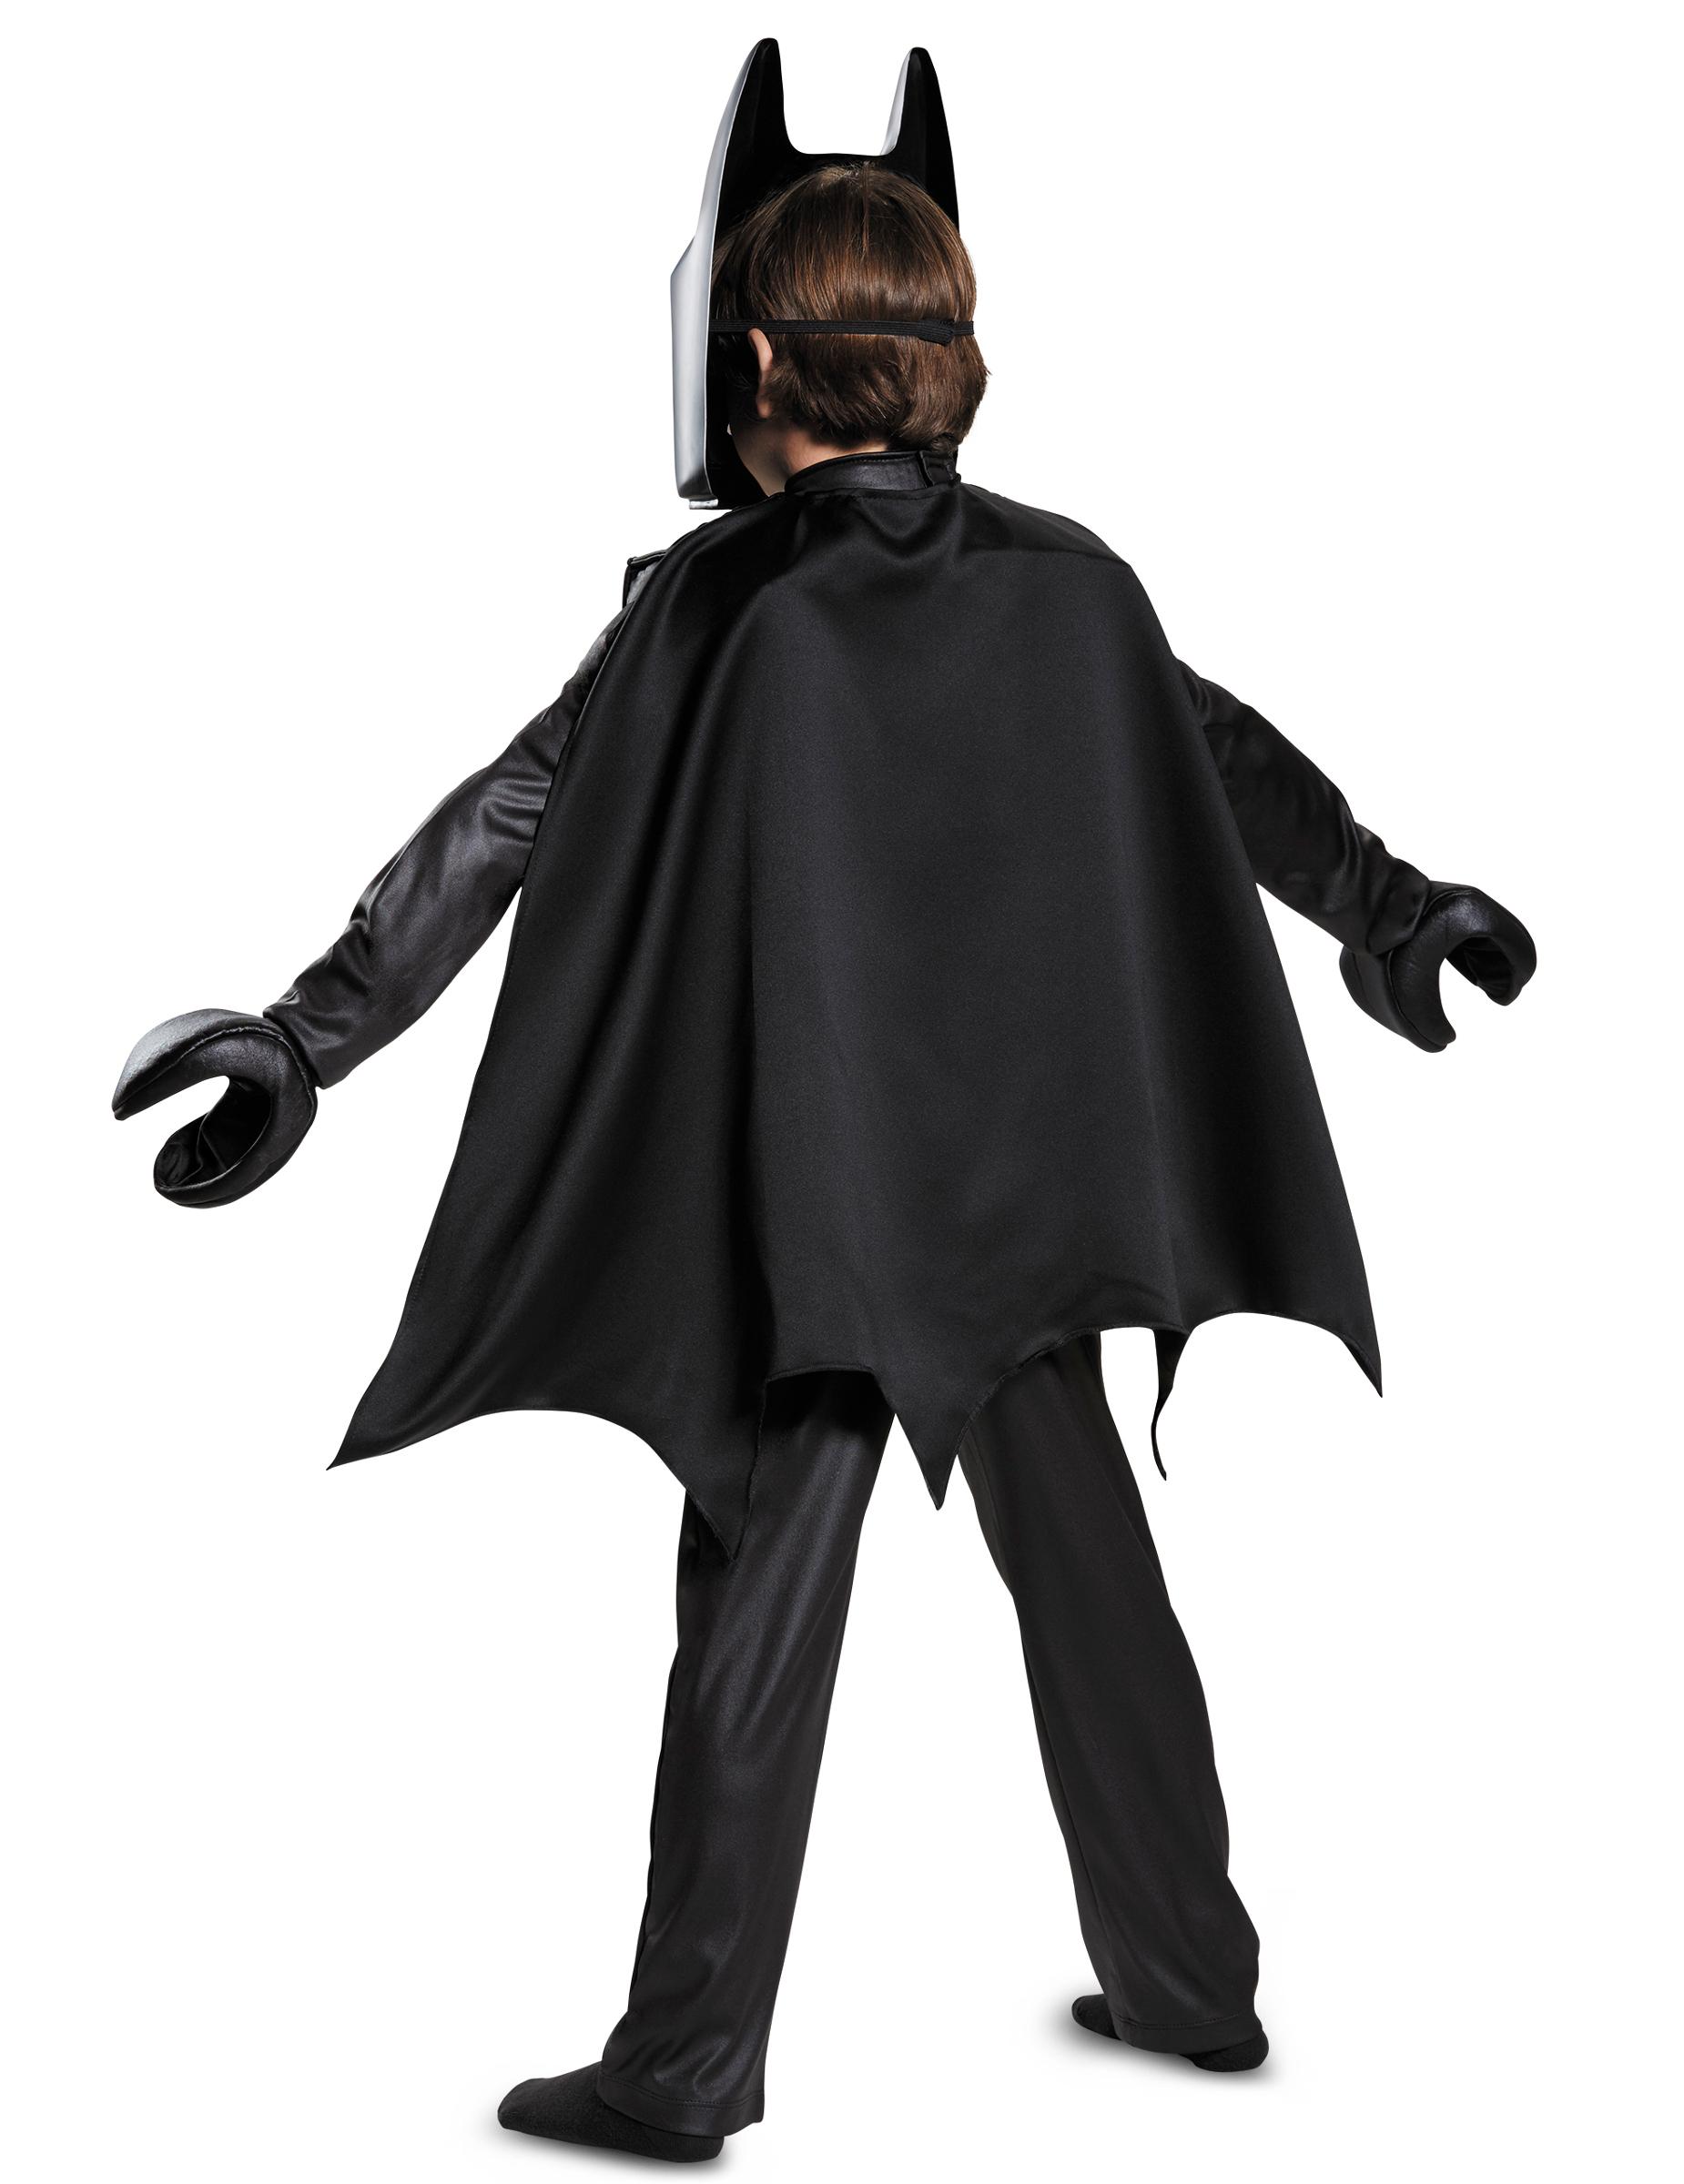 batman lego movie deluxe kost m f r kinder kost me f r. Black Bedroom Furniture Sets. Home Design Ideas